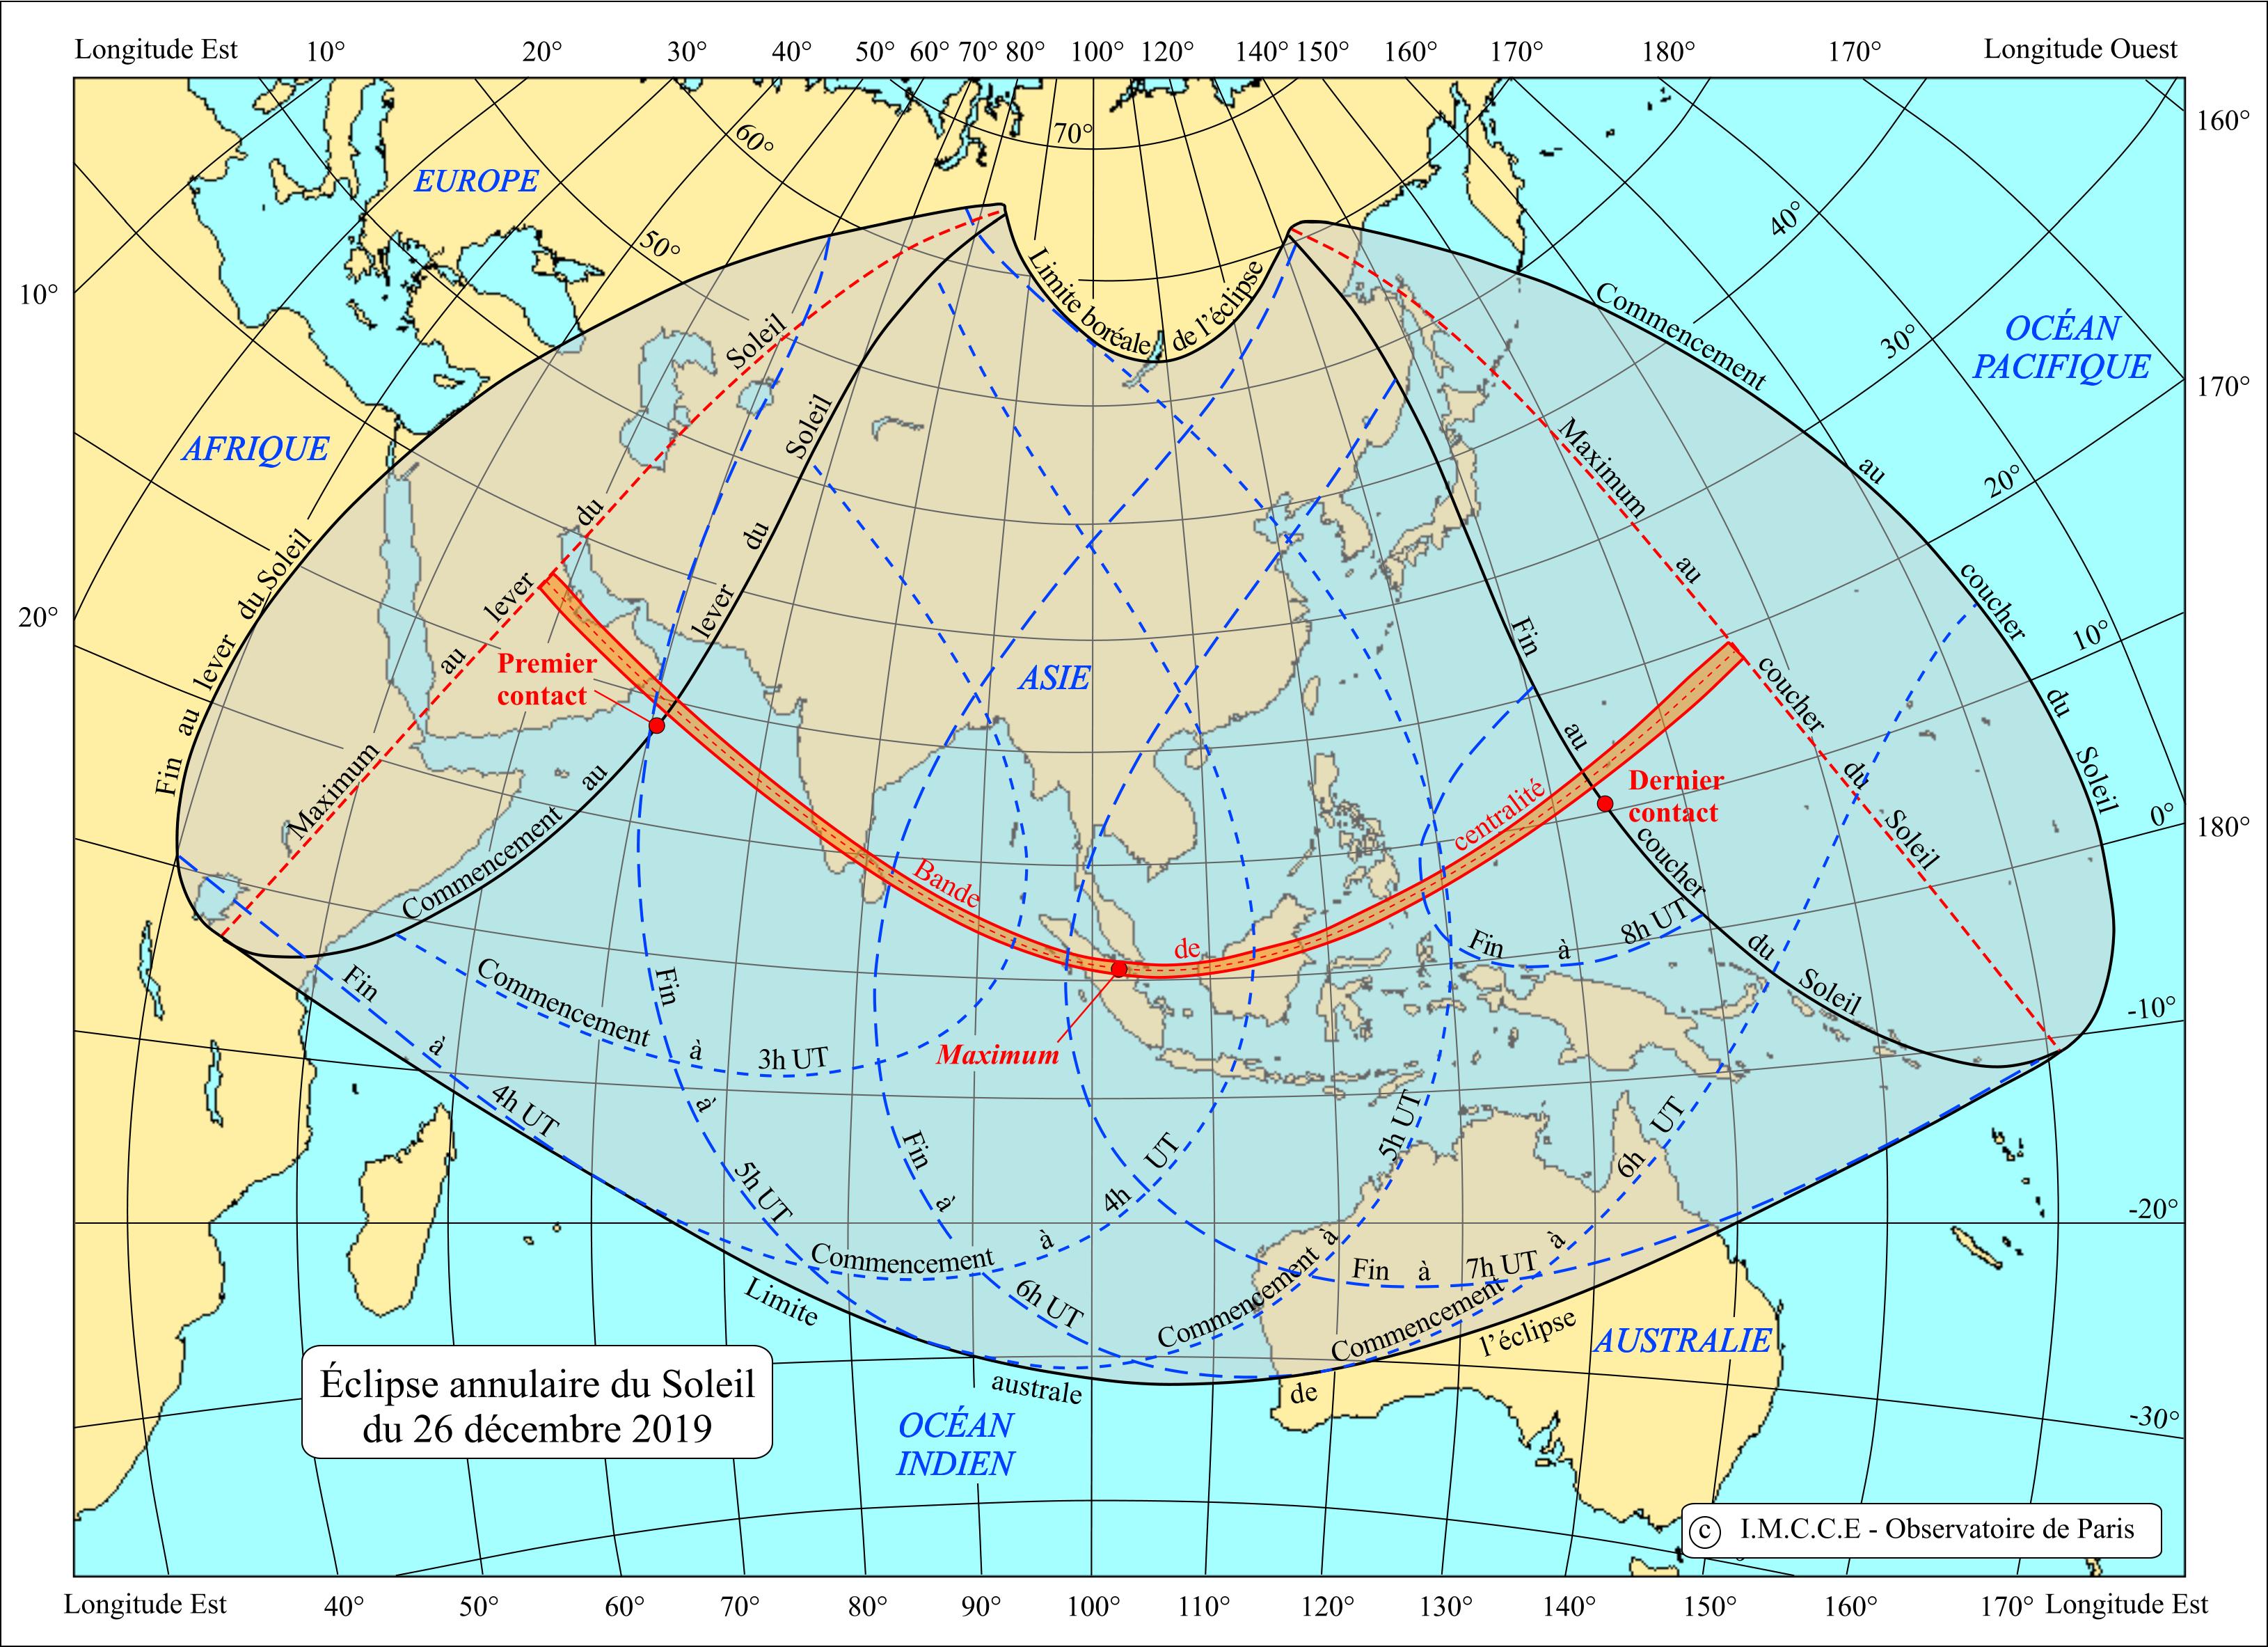 Carte de l'éclipse annulaire de Soleil du 26 décembre 2019